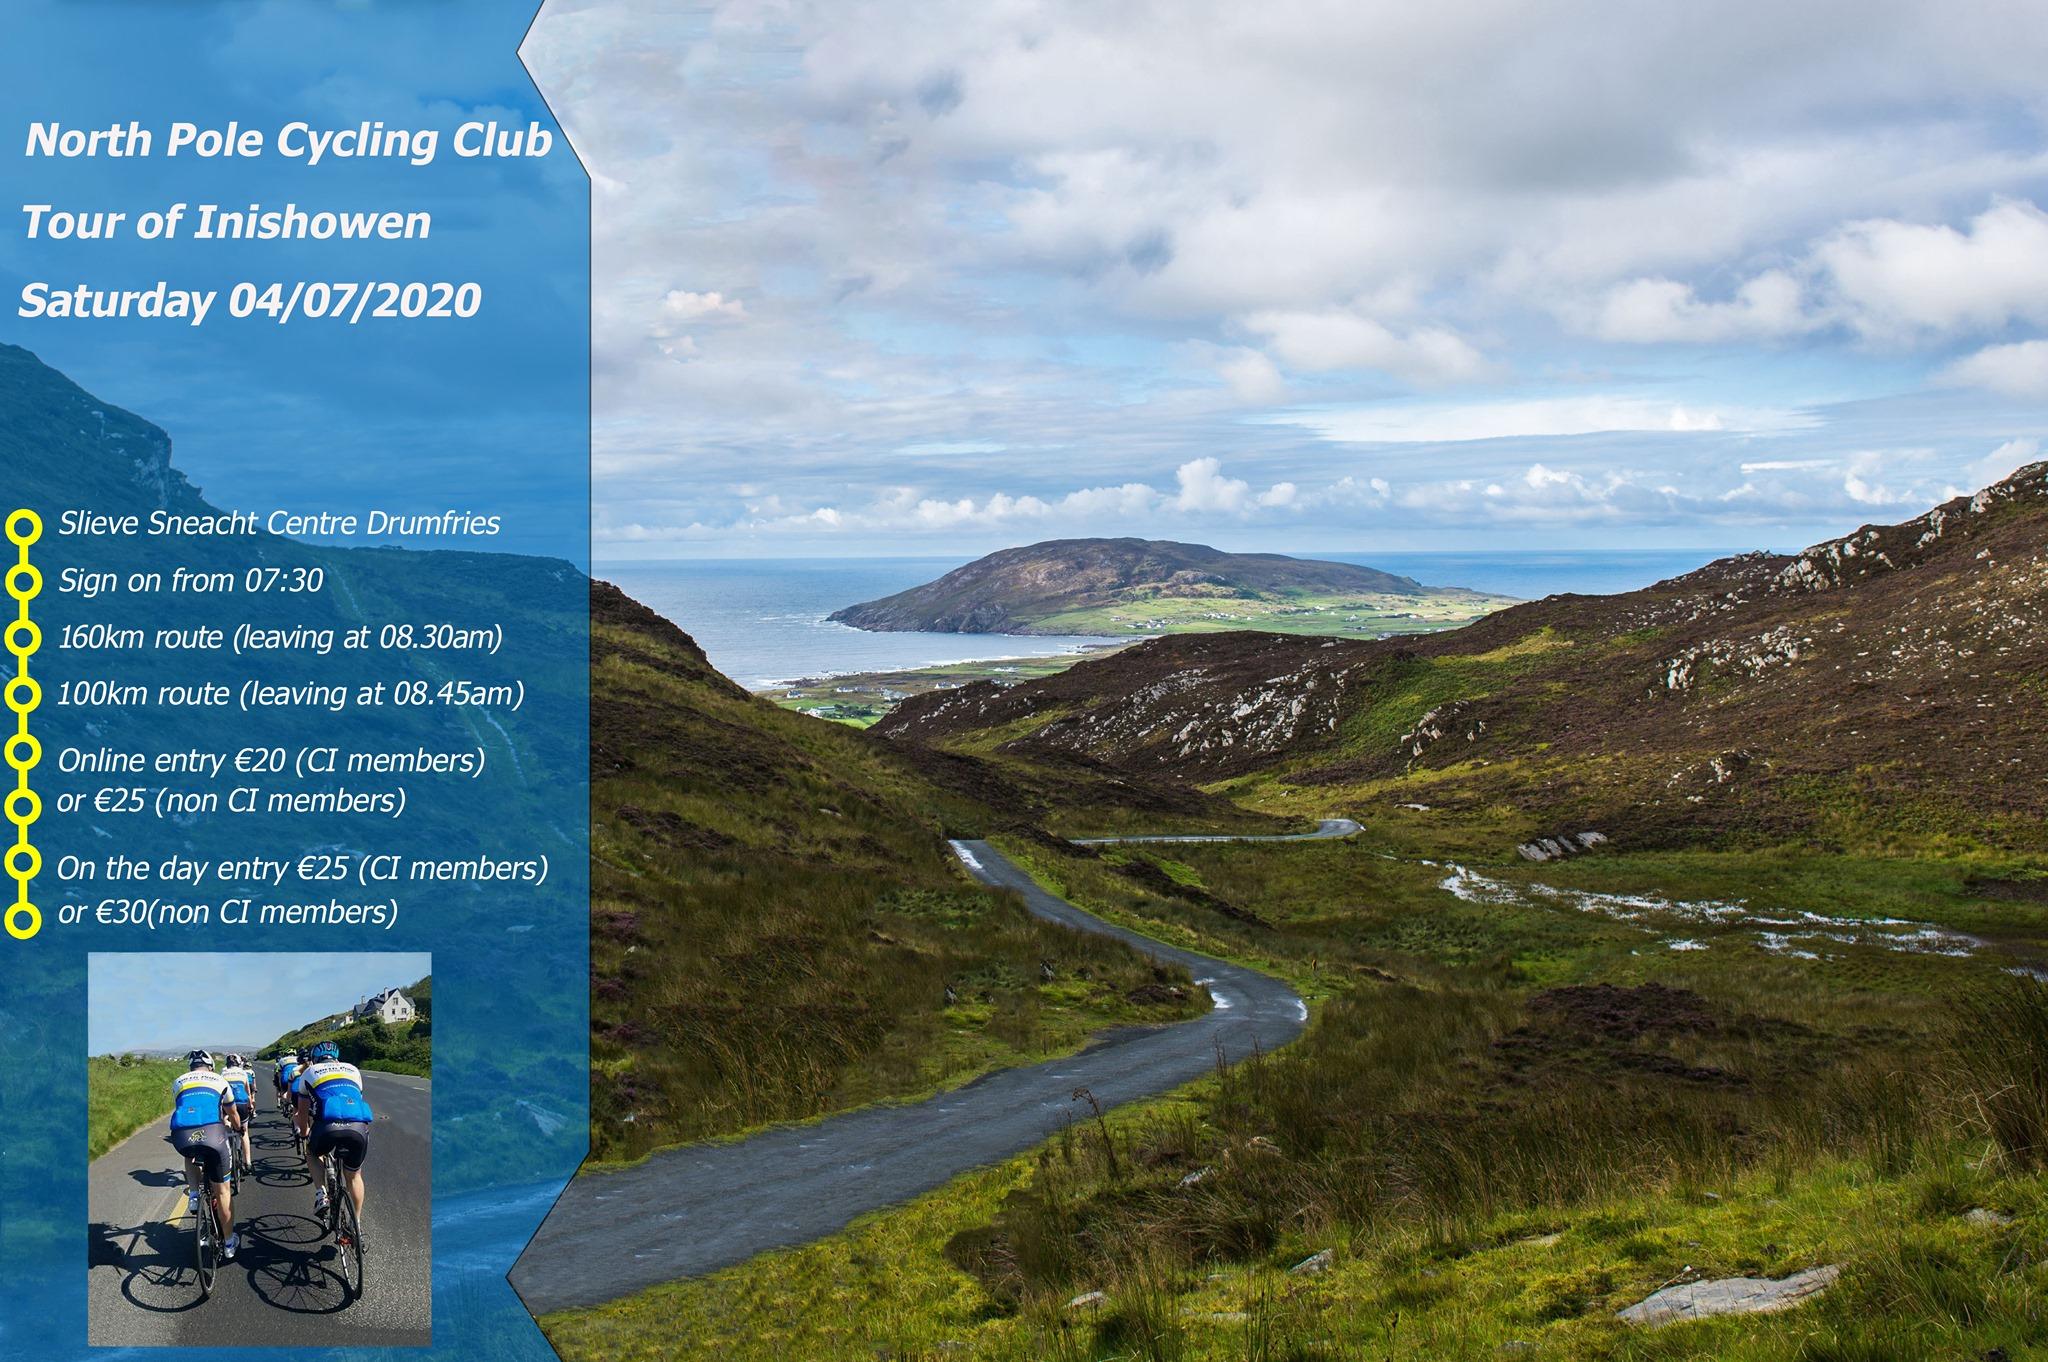 Tour of Inishowen 2020